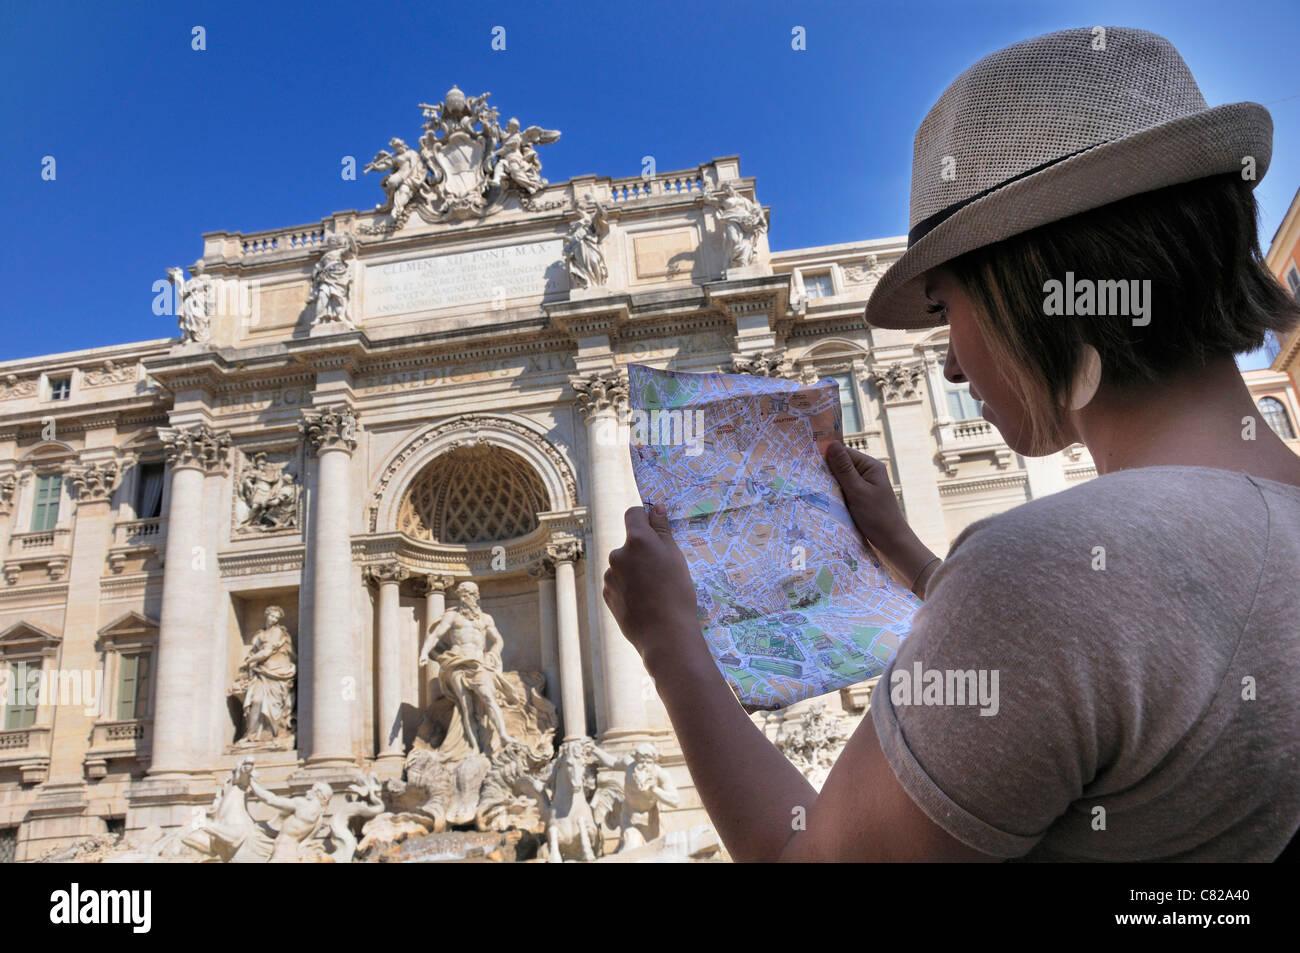 Touristische Karte mit Blick auf den Trevi-Brunnen in Rom, Italien Stockbild